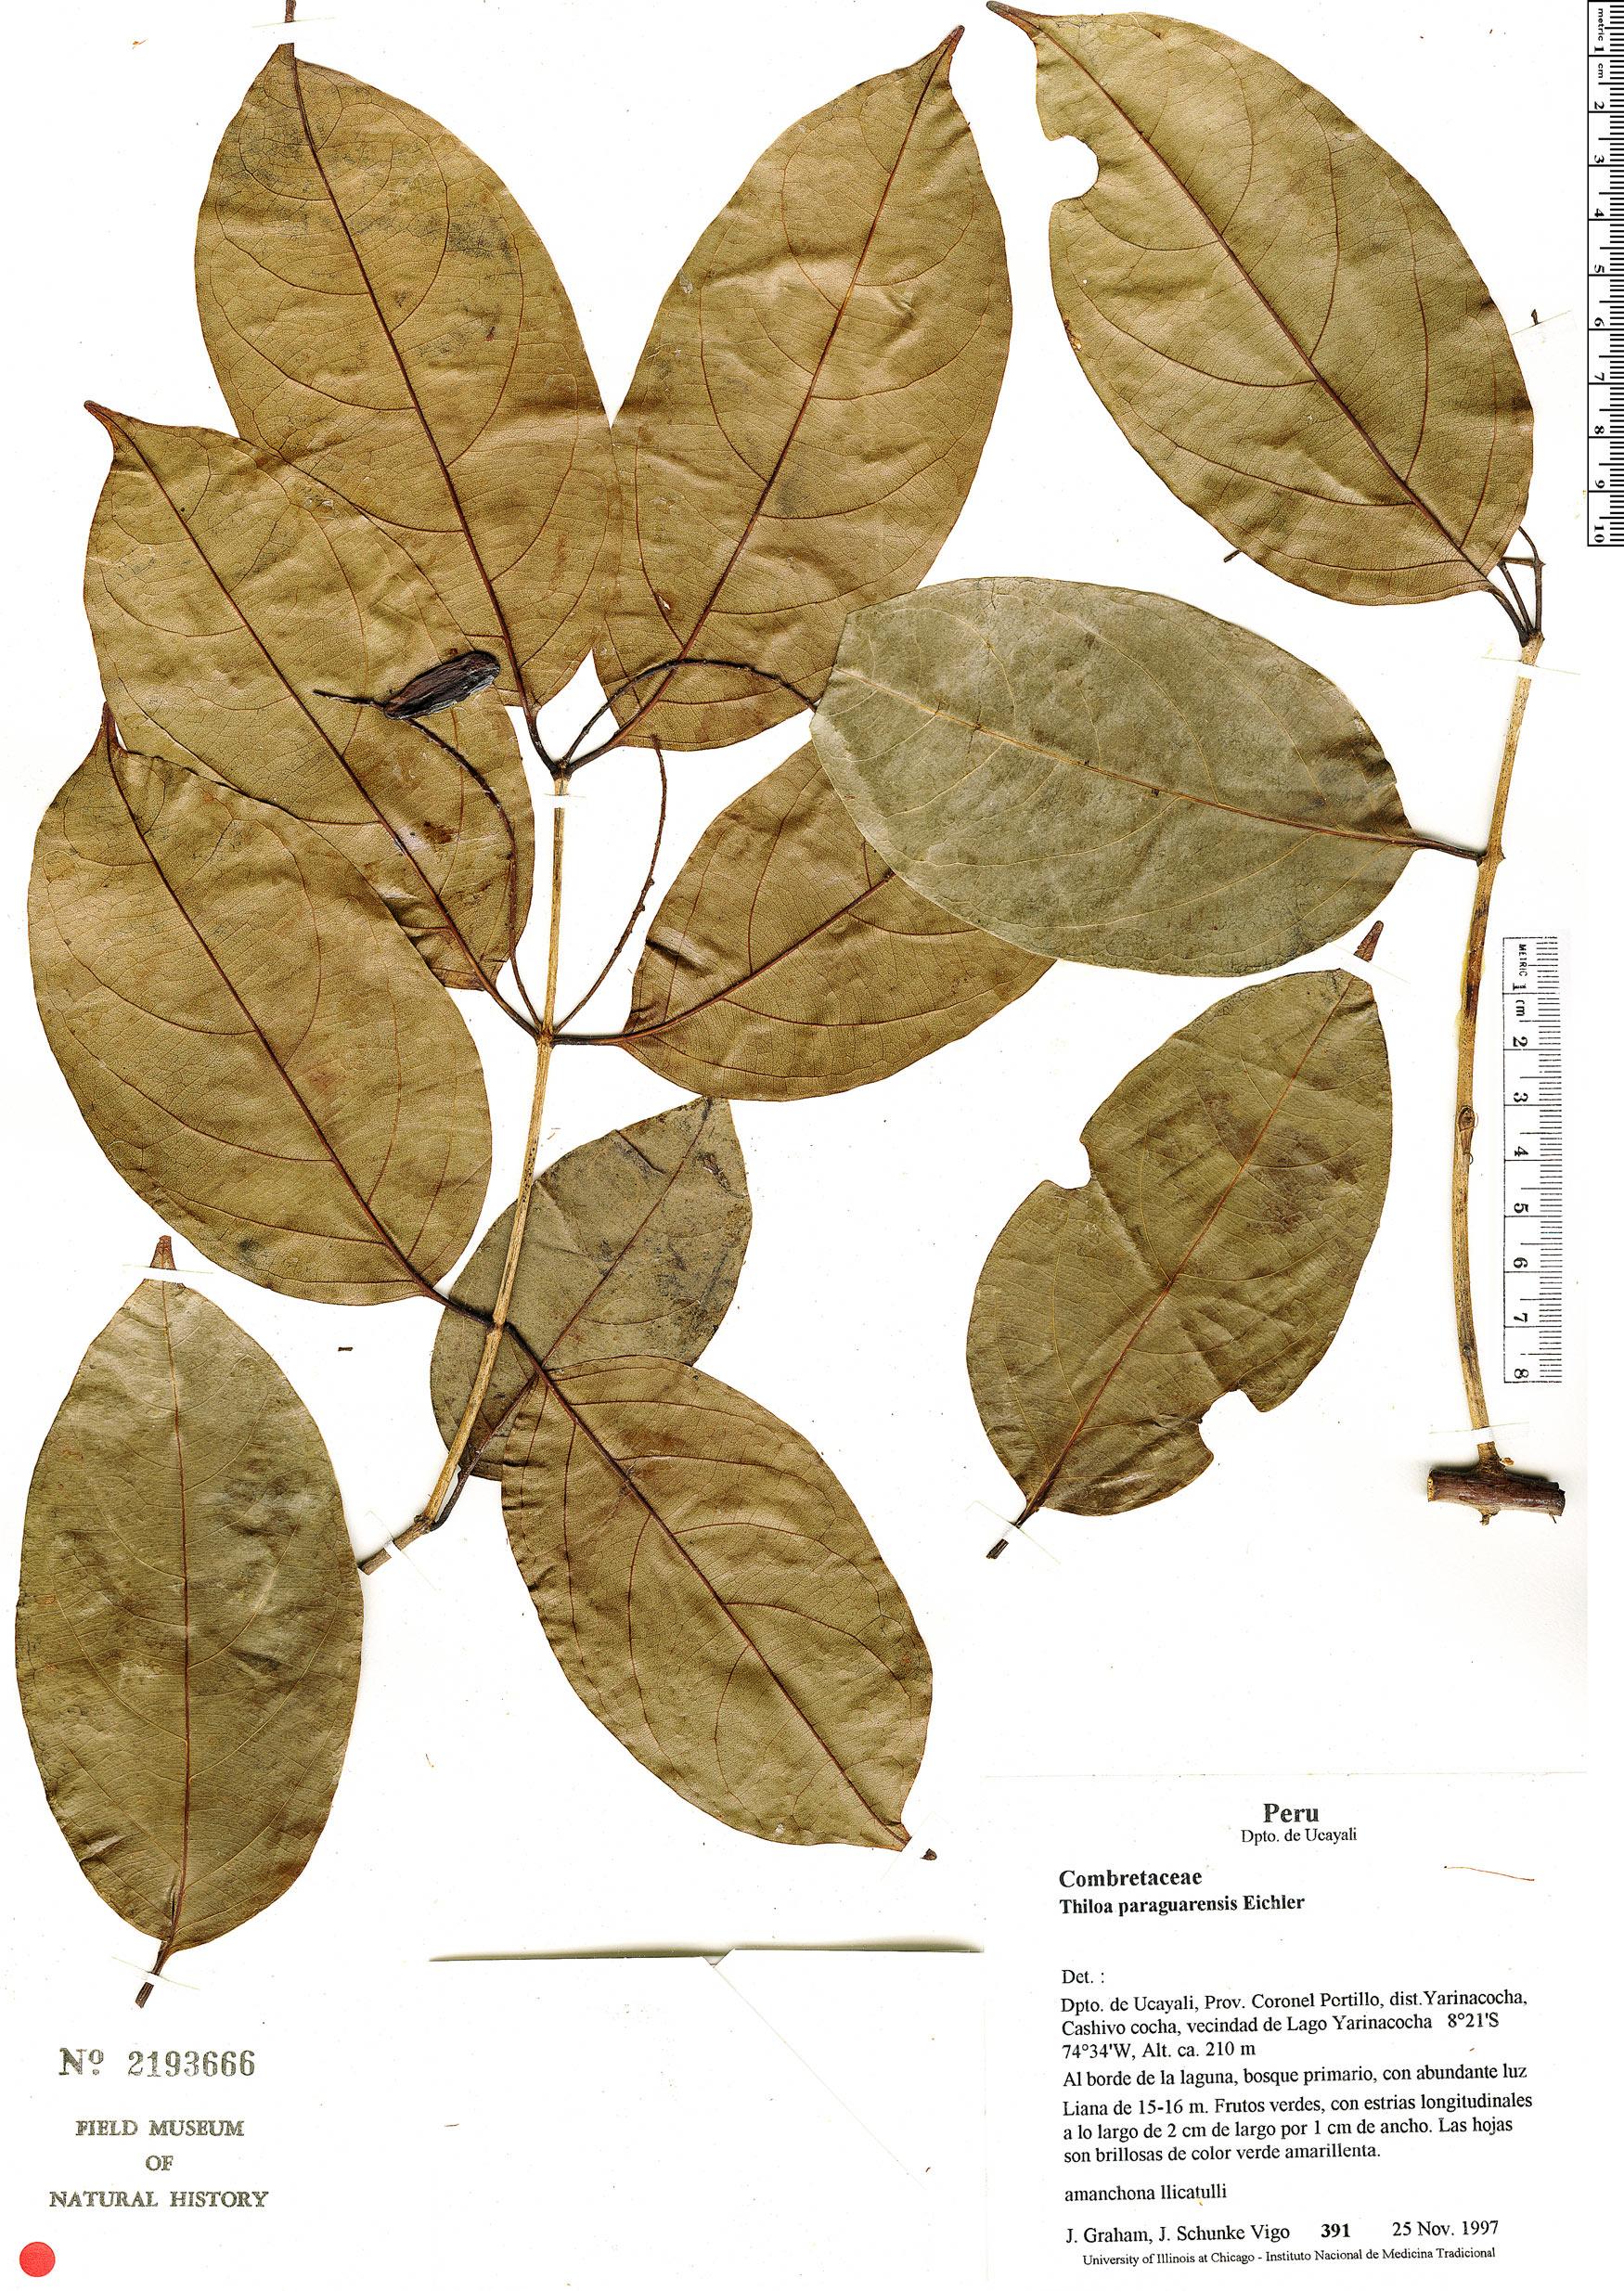 Specimen: Combretum paraguariense